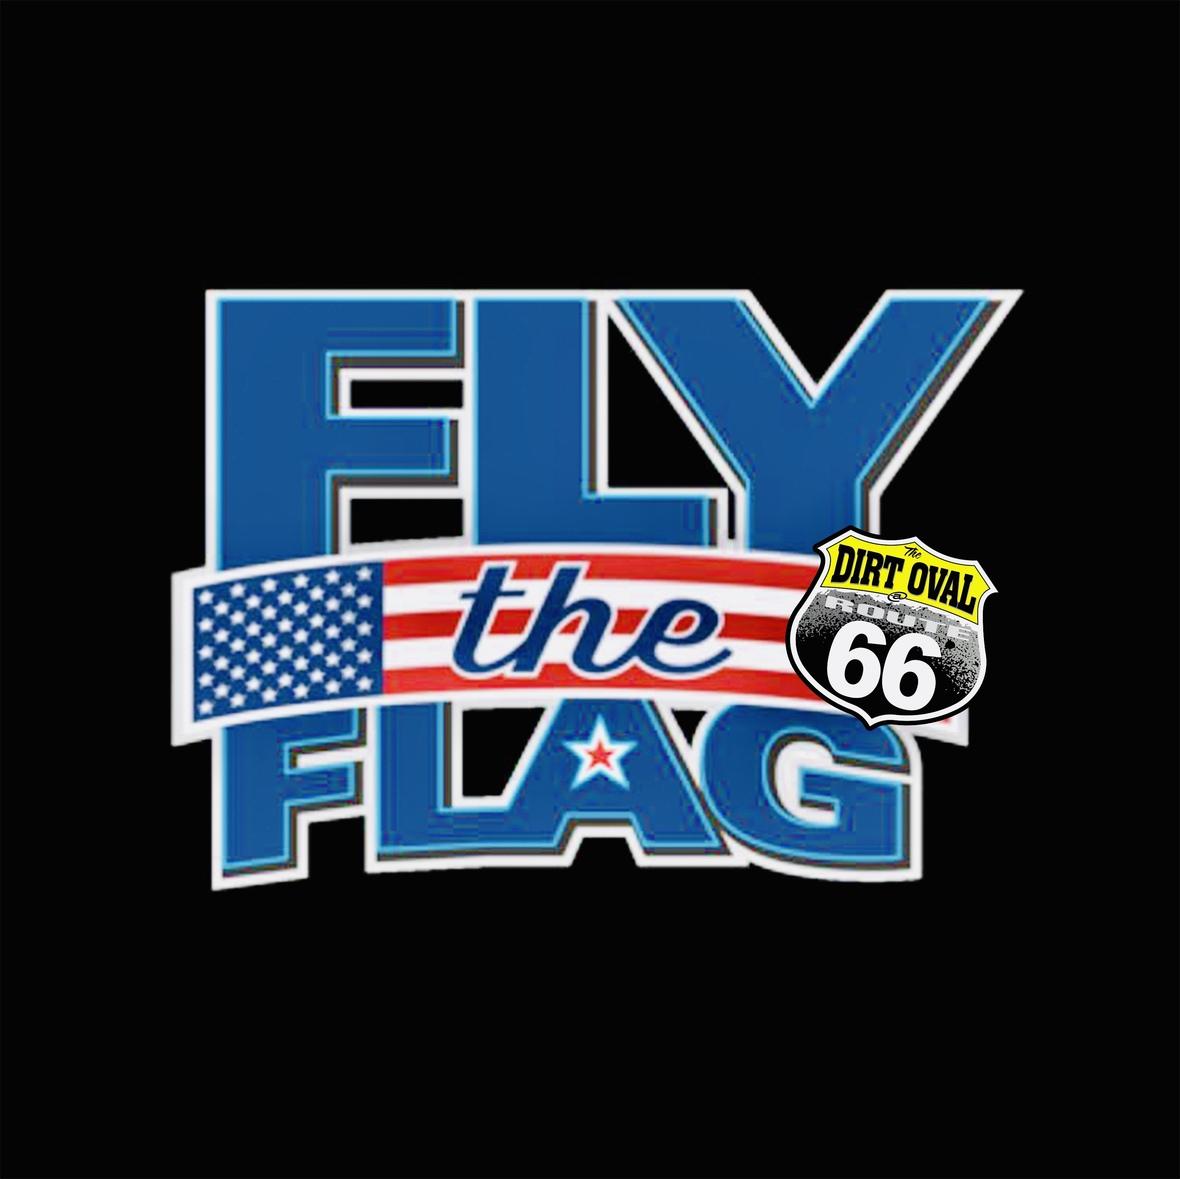 66 fly the flag